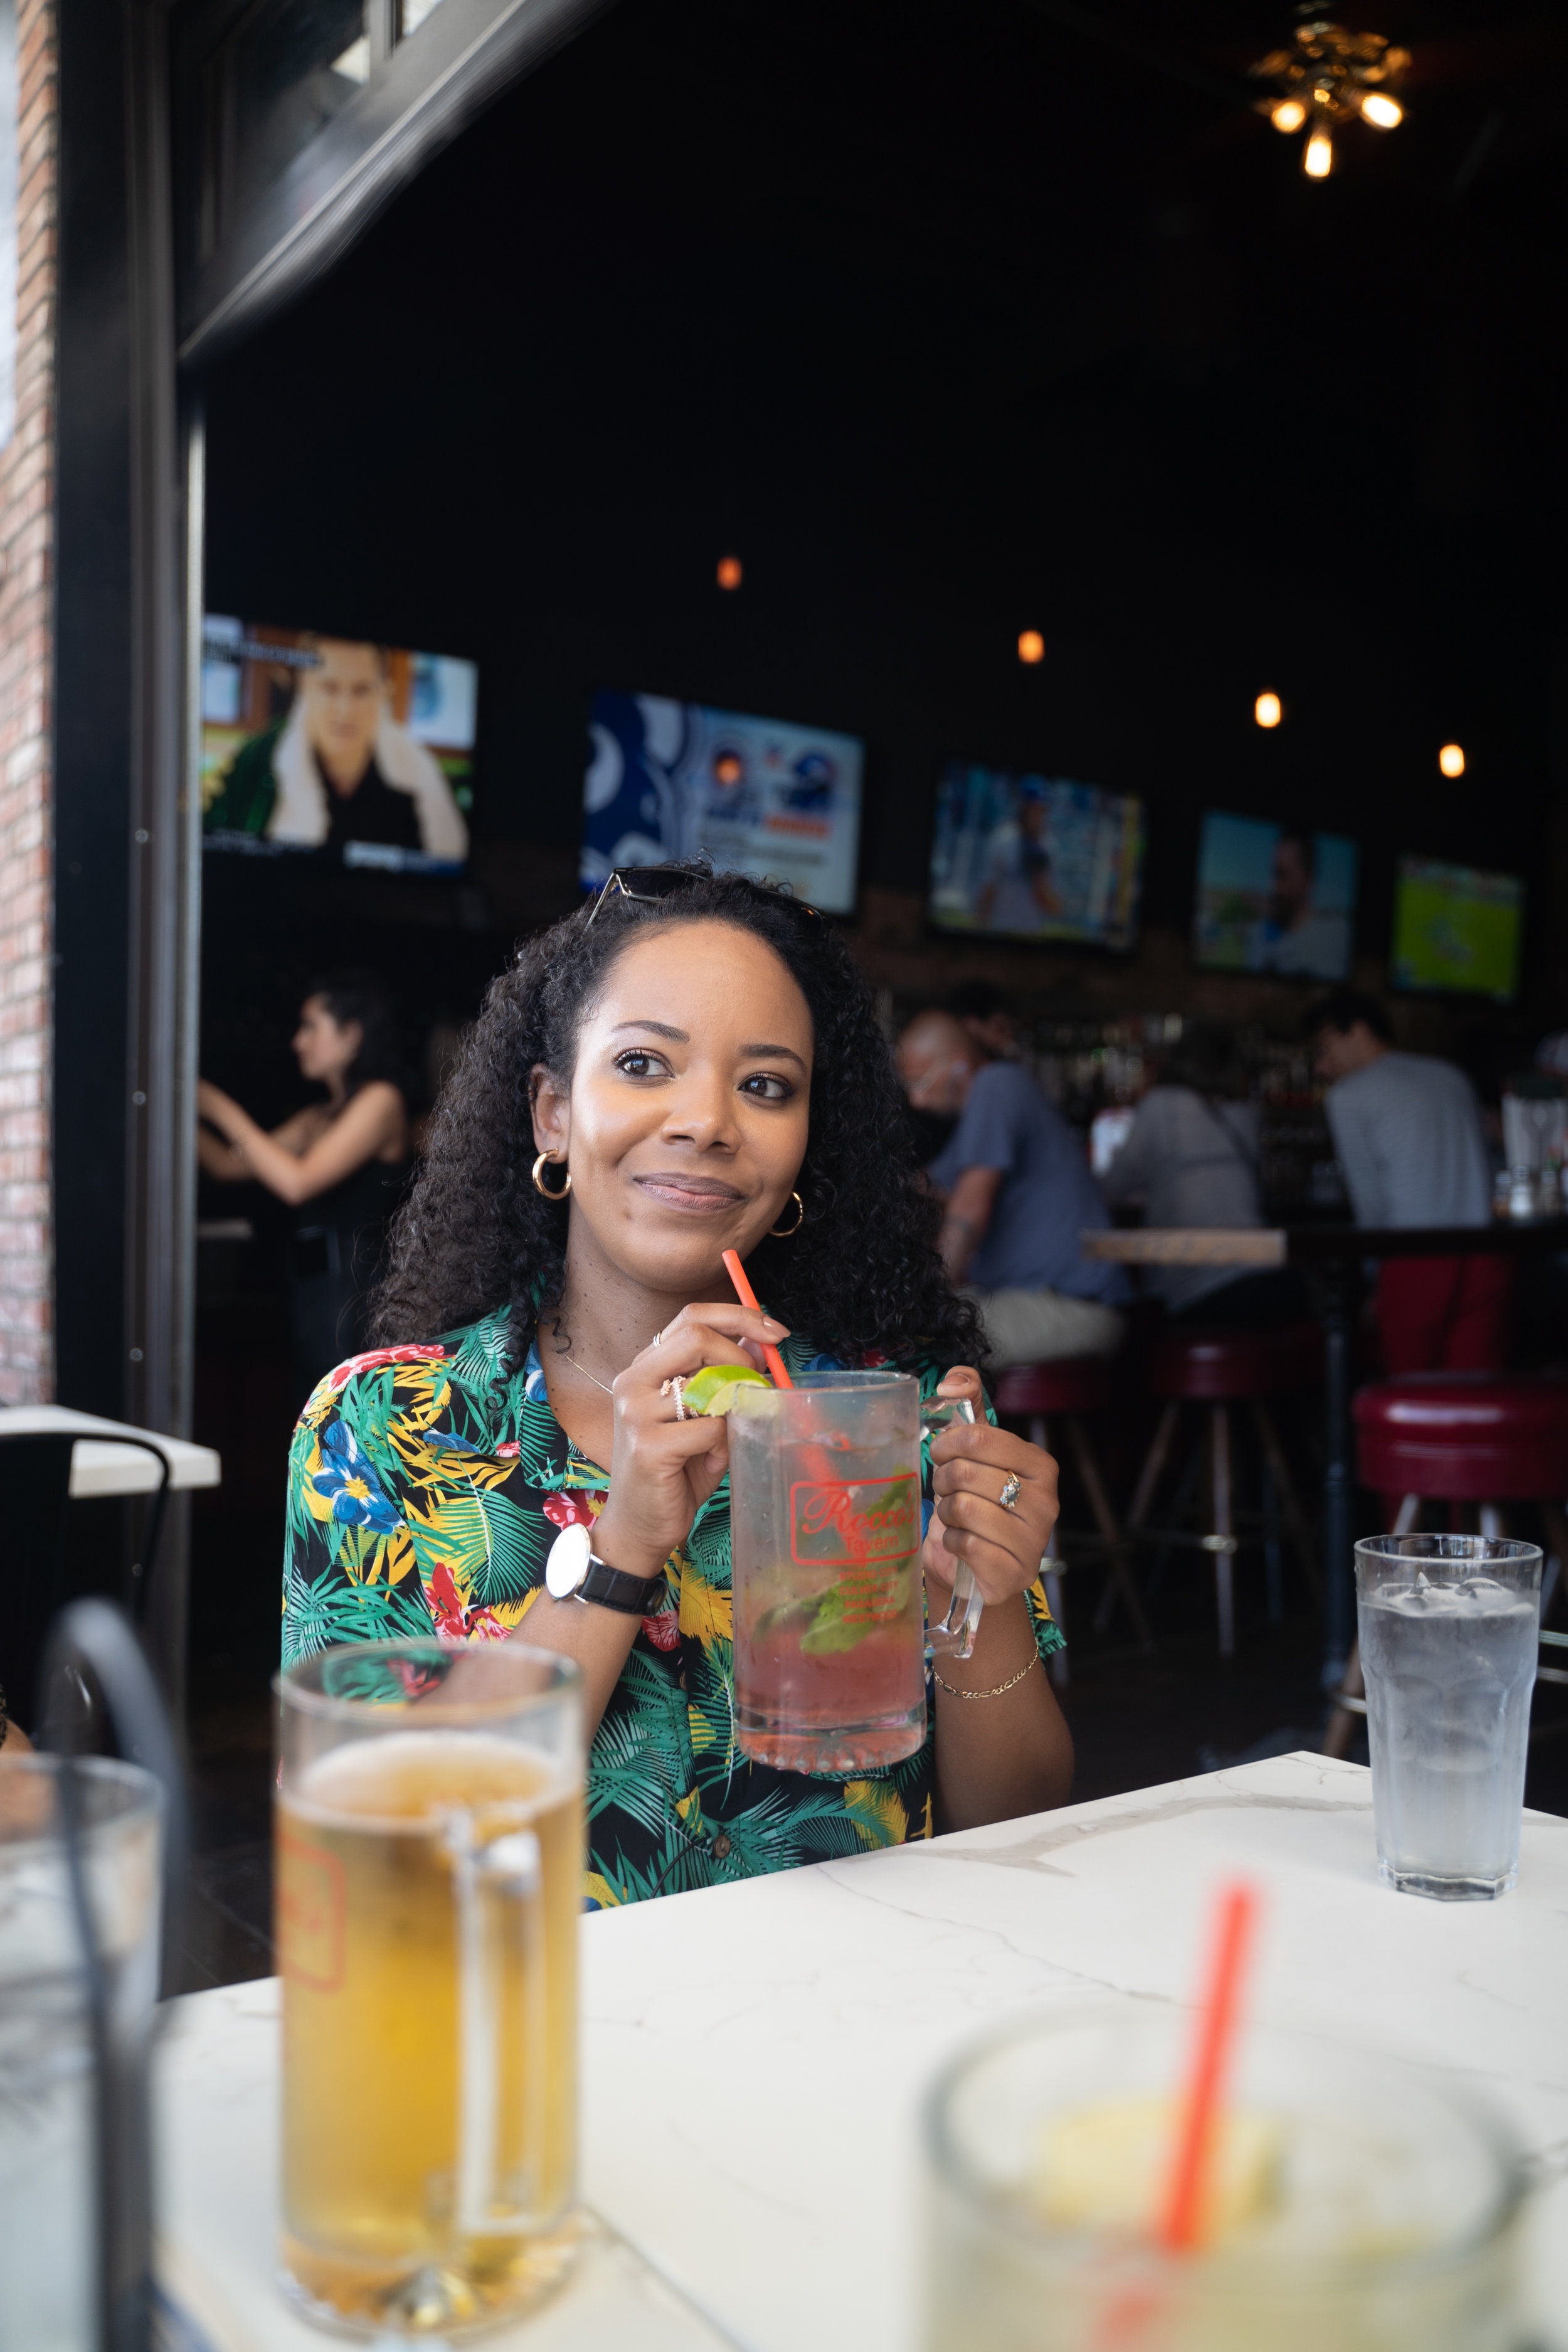 Tiffy Drinking a watermelon mojito at Rocco's Tavern